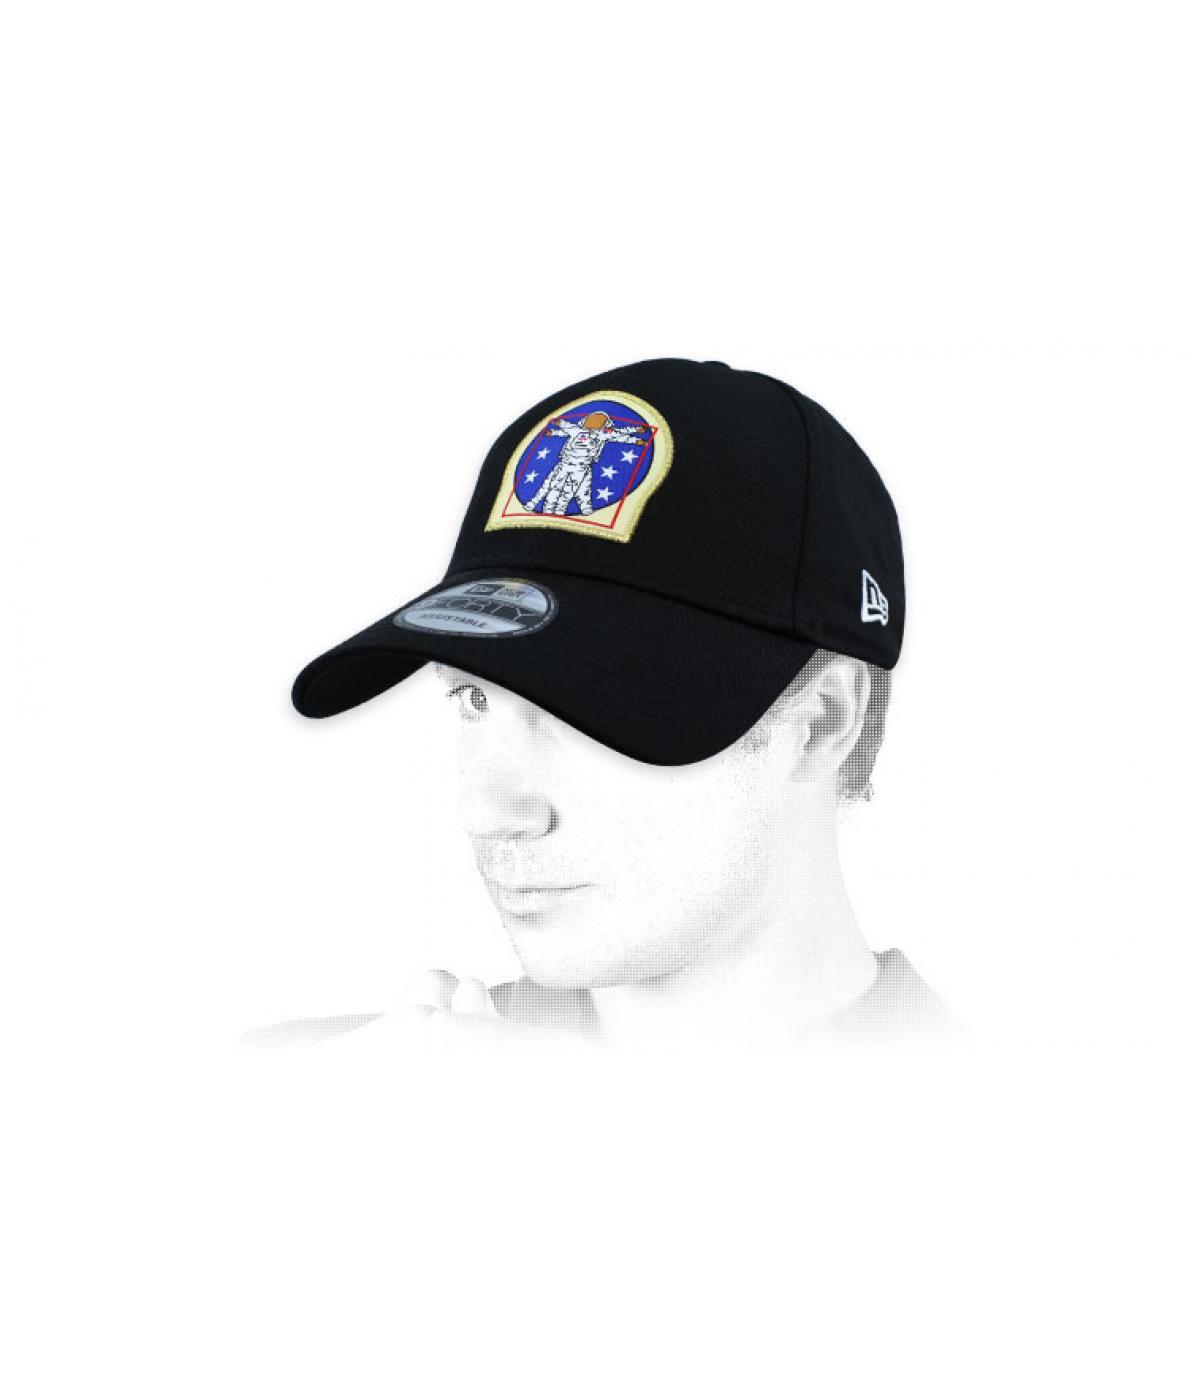 zwarte kosmonaut cap